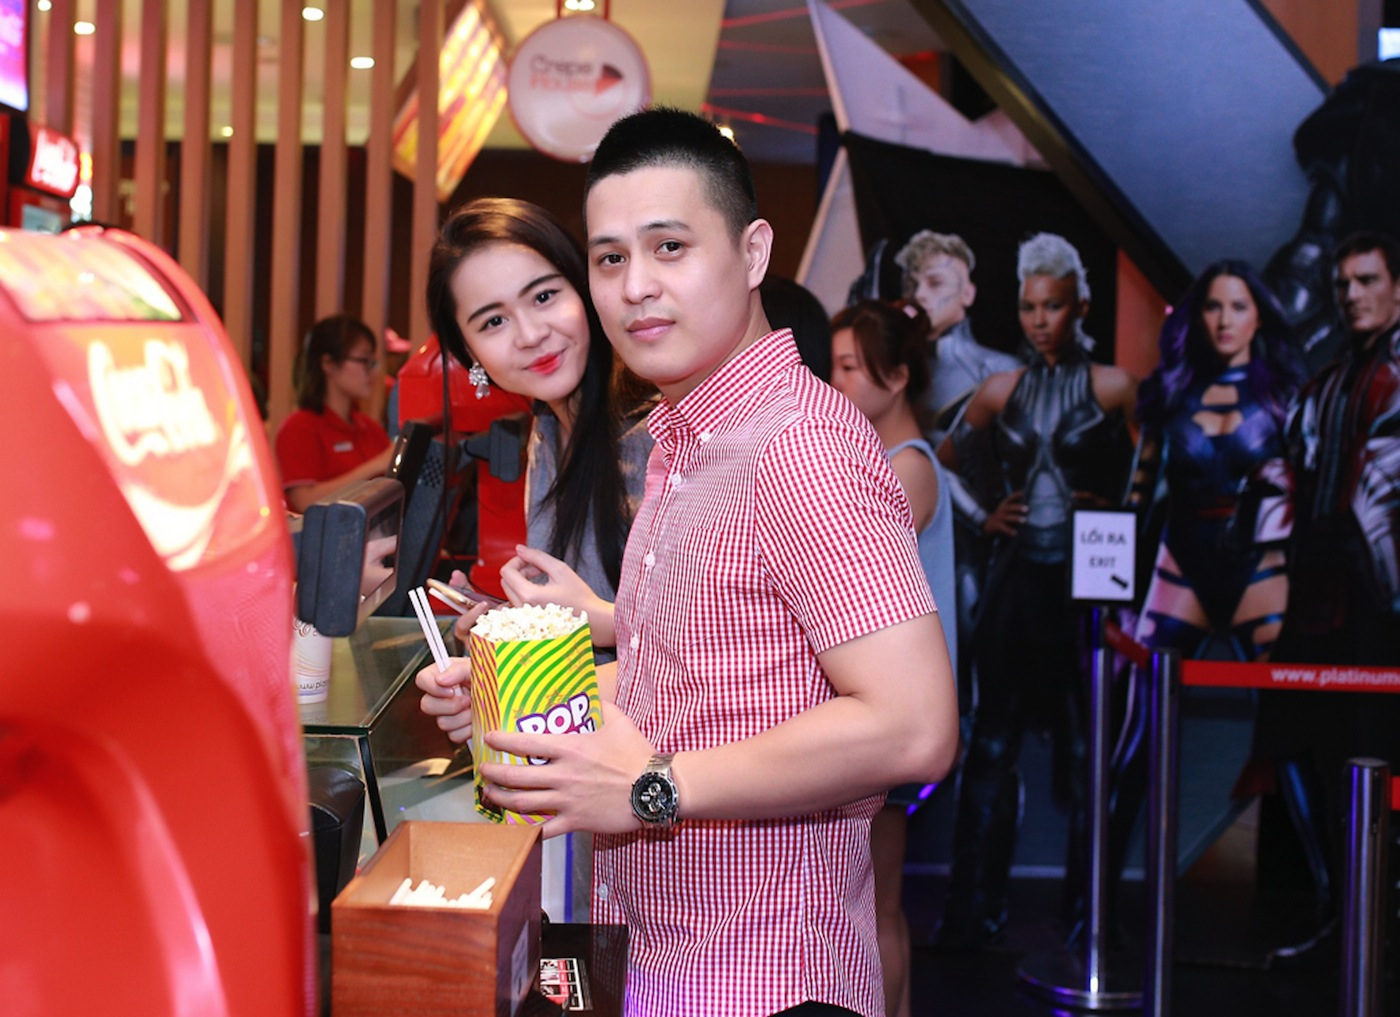 Dàn hot boy, hot girl tung tăng dự công chiếu Criminal tại Platinum Cineplex